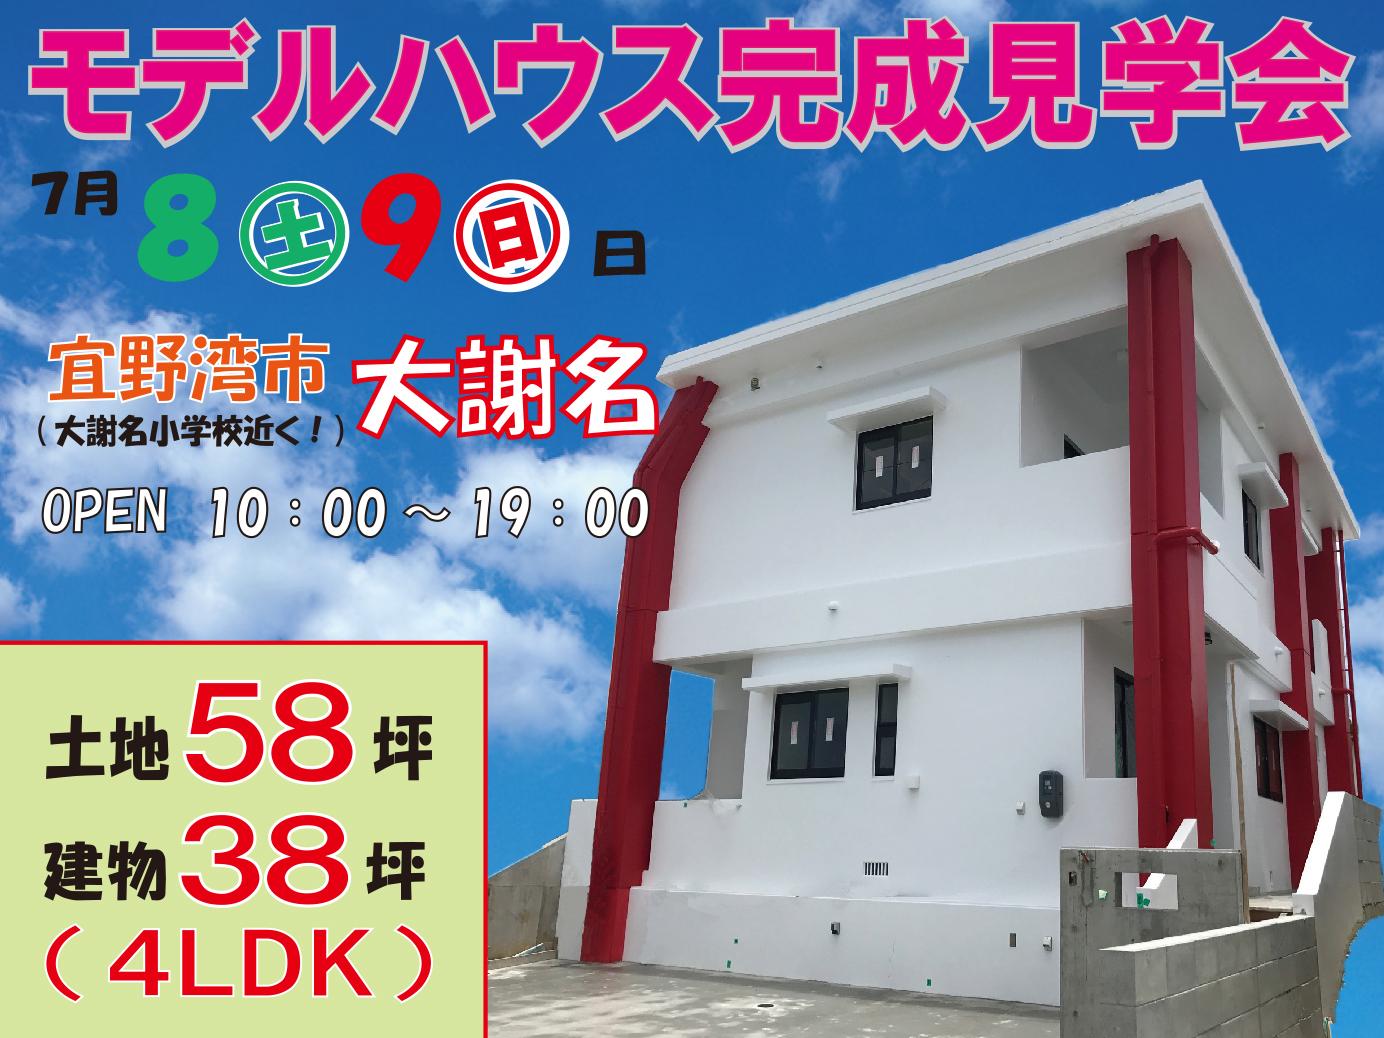 宜野湾市大謝名にてオープンハウス&無料住宅相談会を開催!